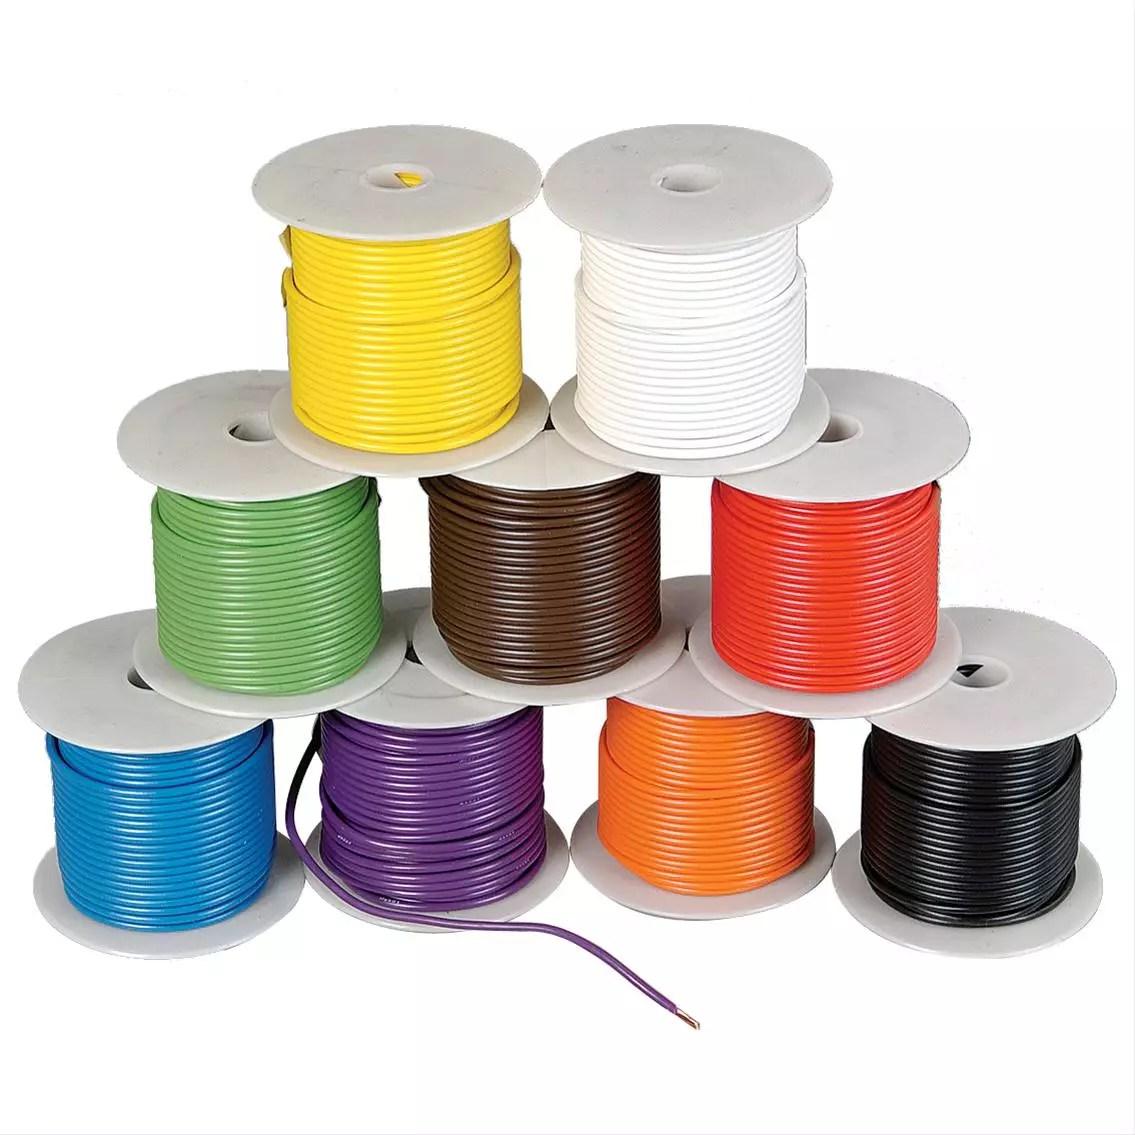 Wire Speaker Wire Connectors